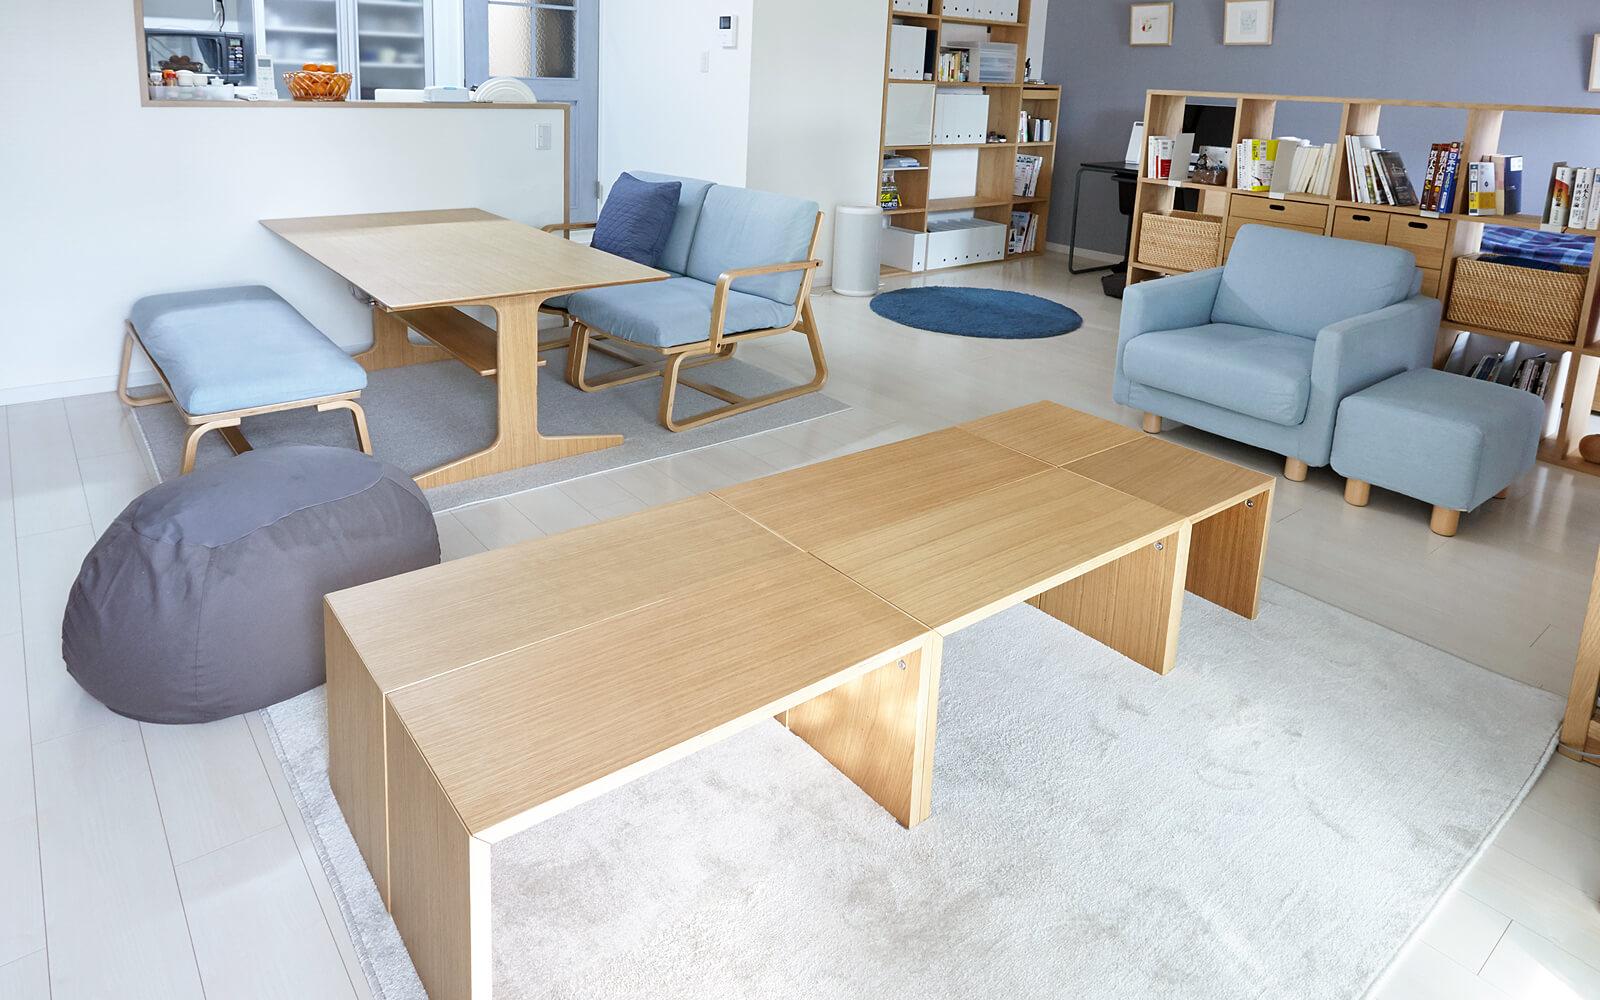 普段は体にフィットするソファを複数置いているリビングですが、人が集まるときは、コの字家具を組み合わせて、簡易的な食卓に。テーブル、椅子、インテリア等を置く  ...